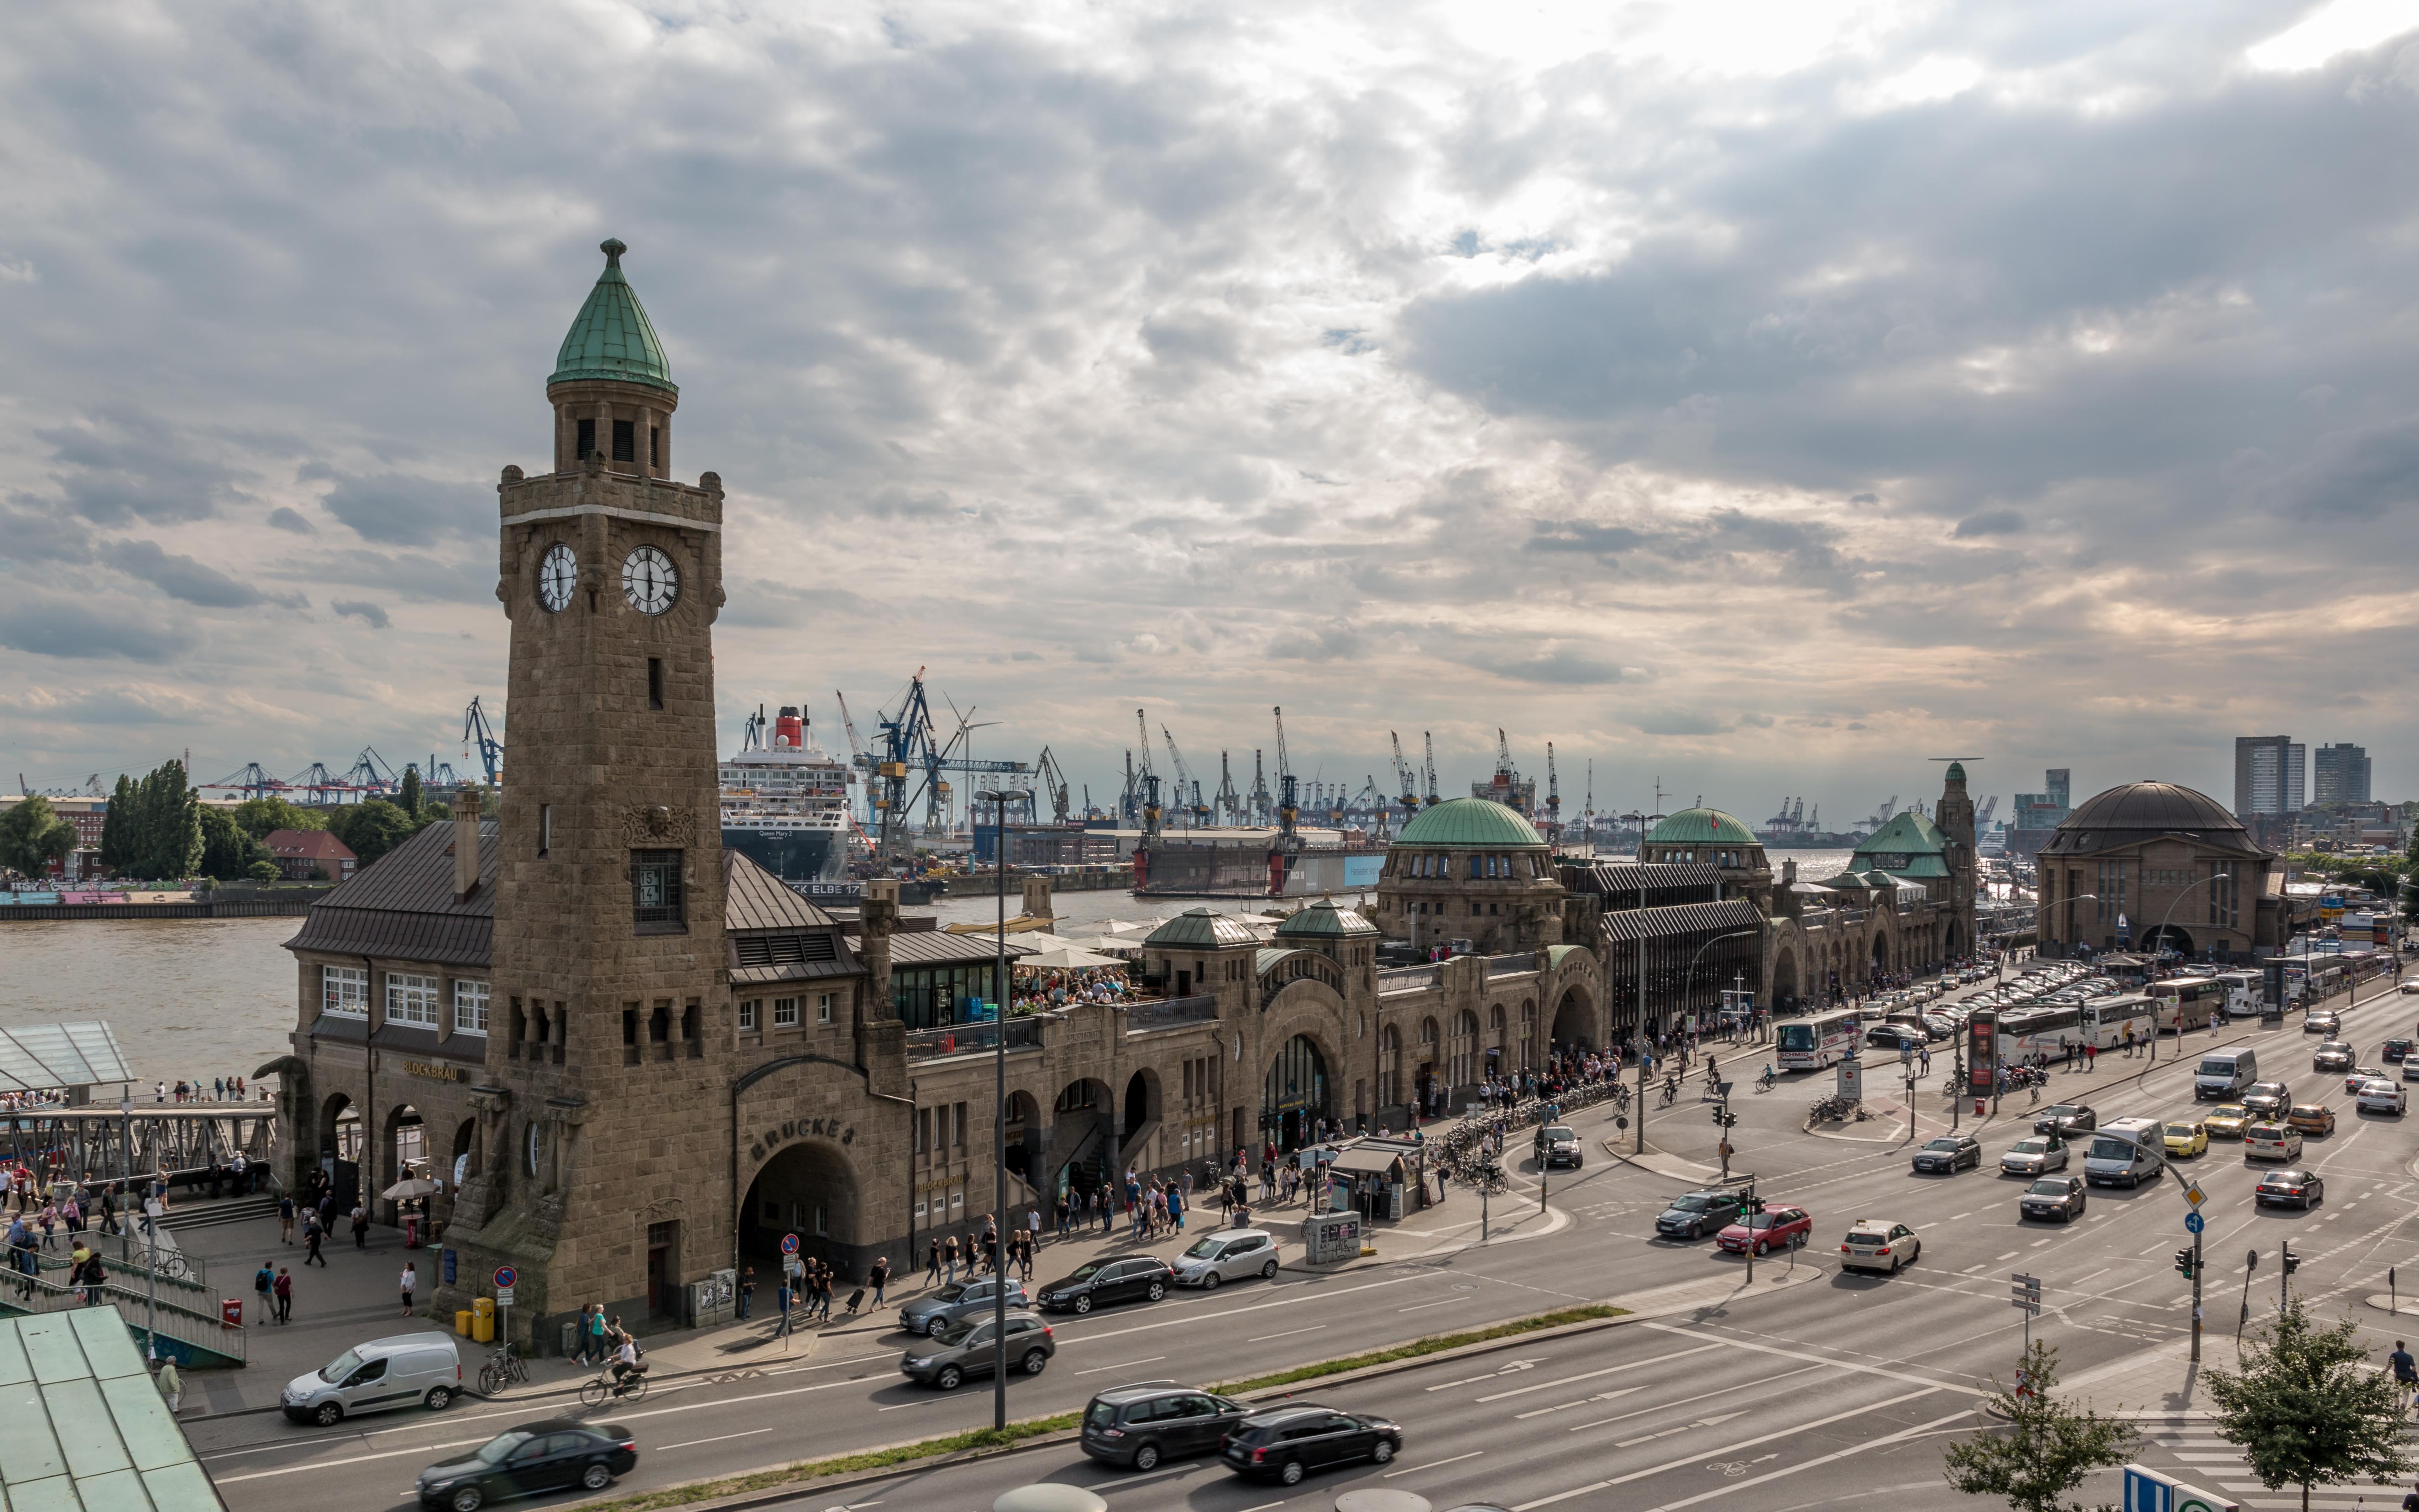 Hamburg - The Local